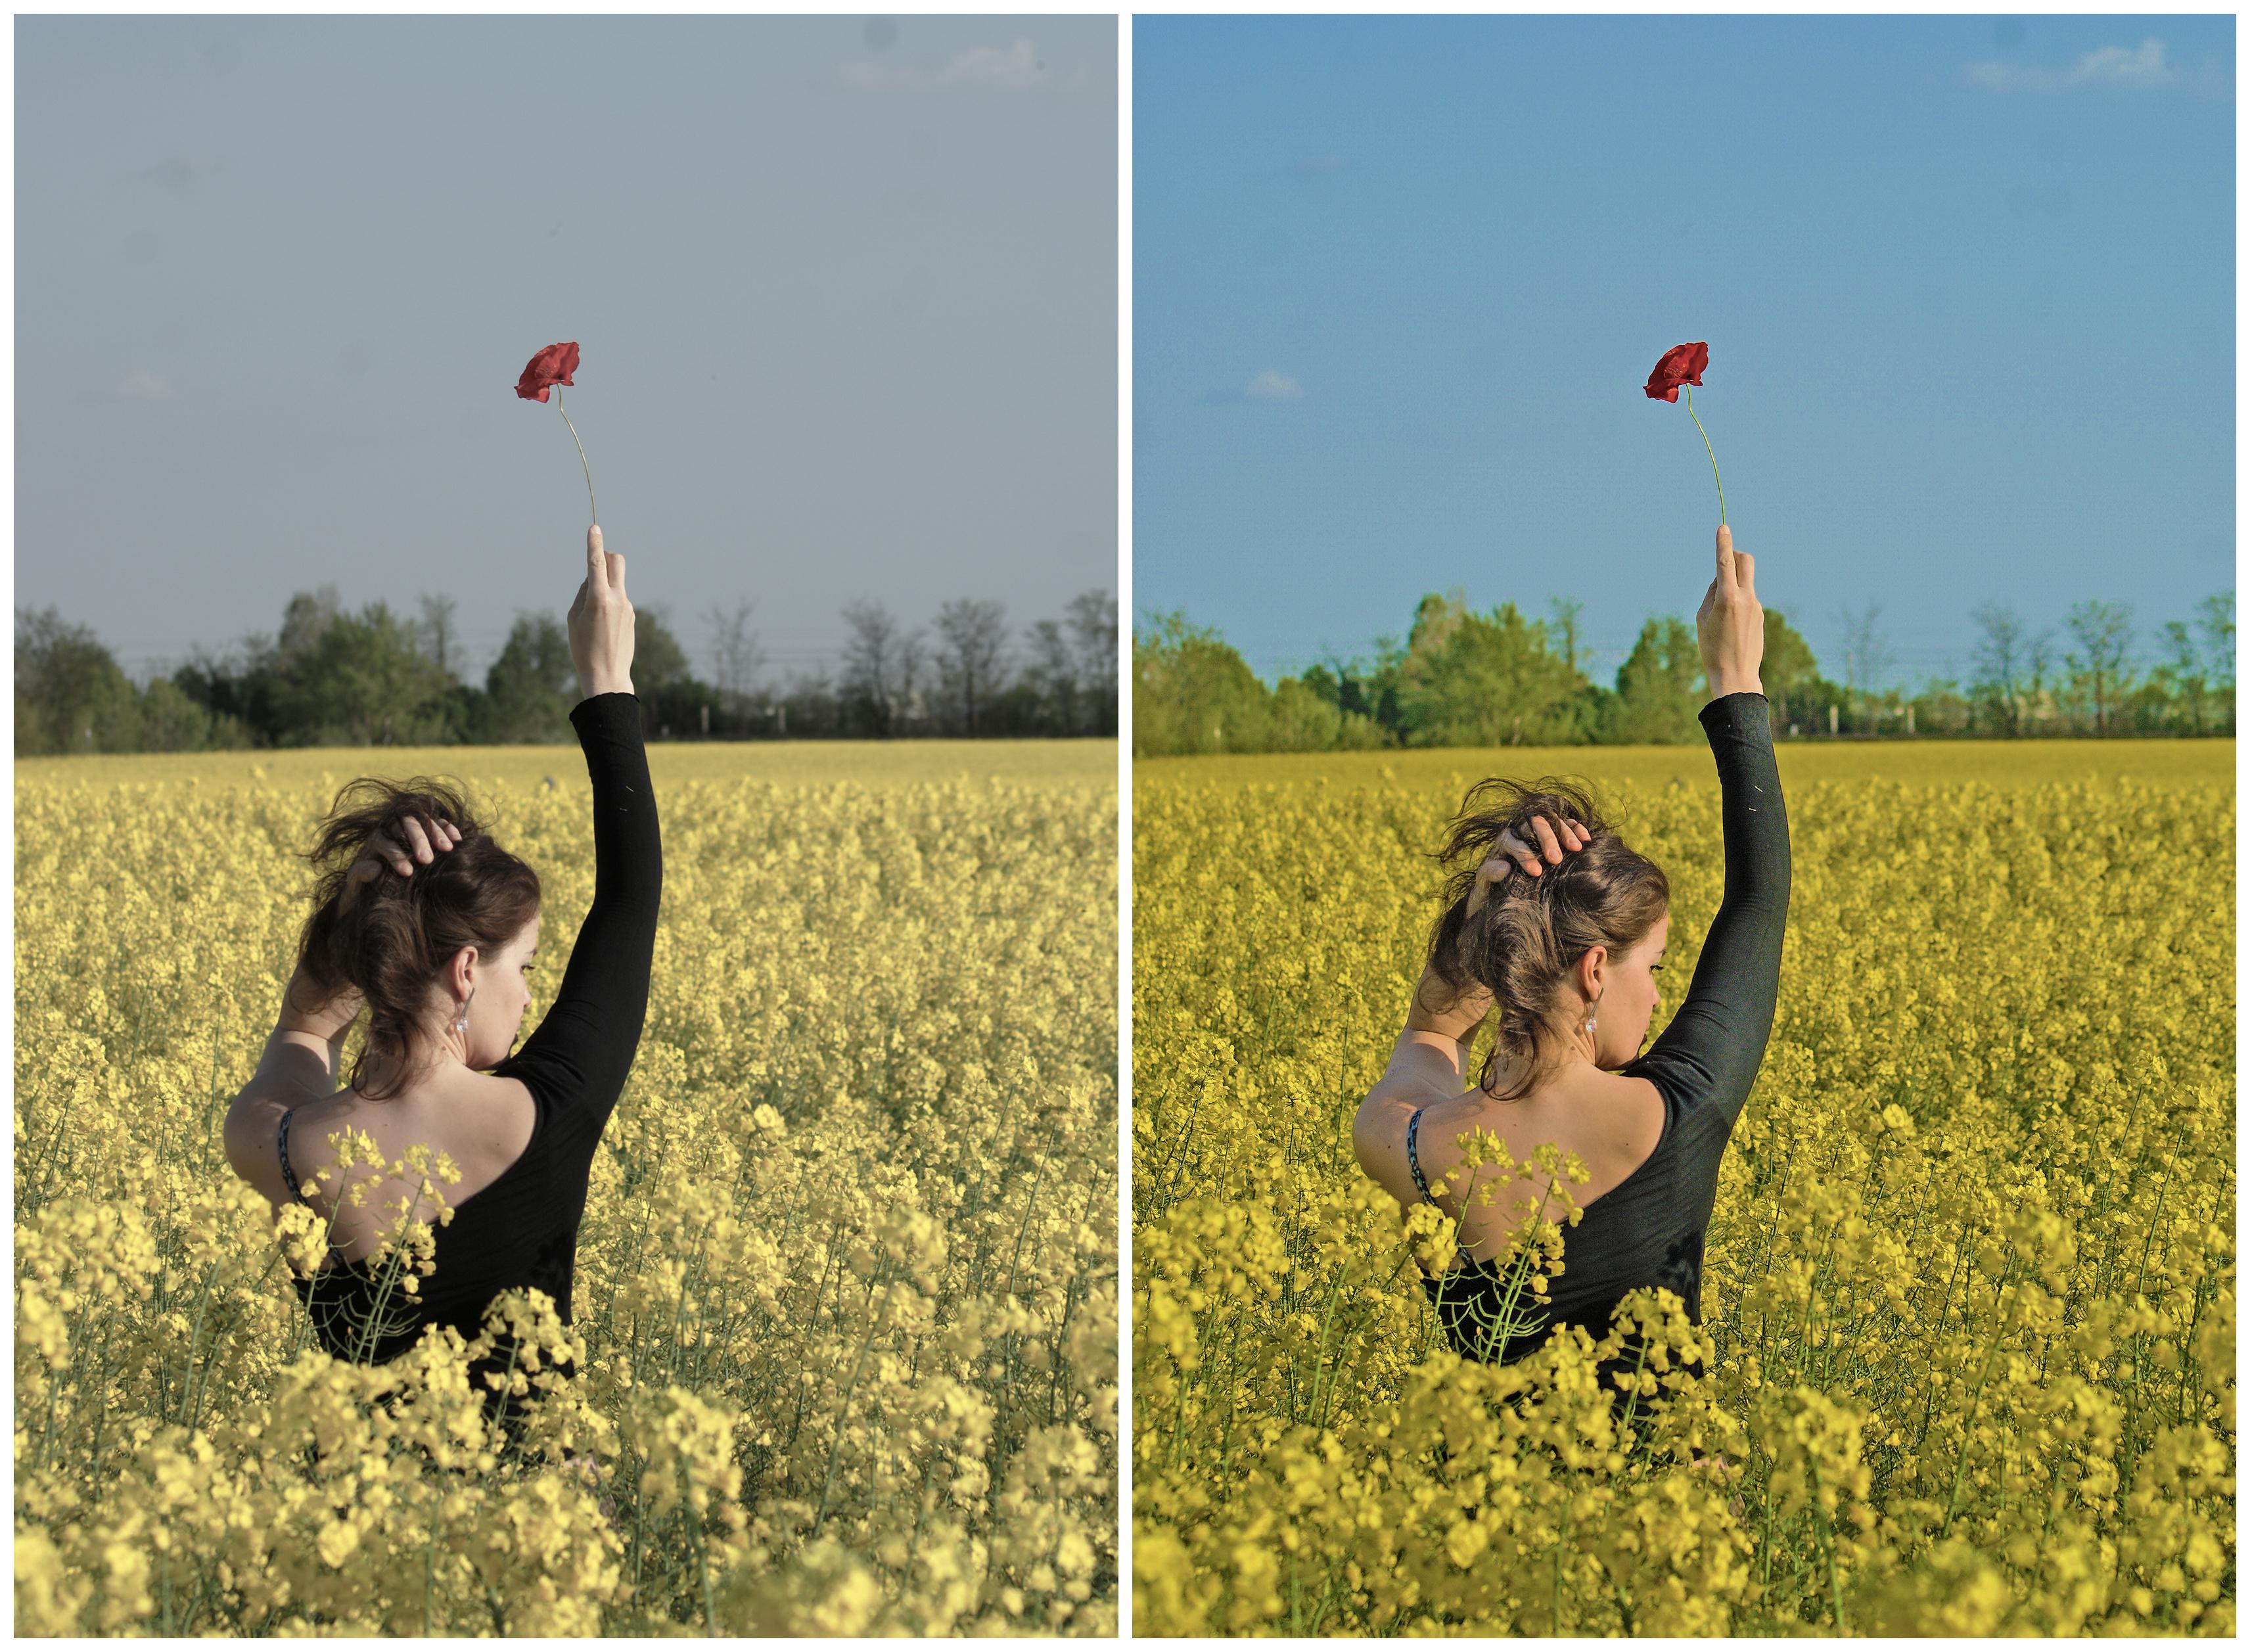 La Belle et la fleur